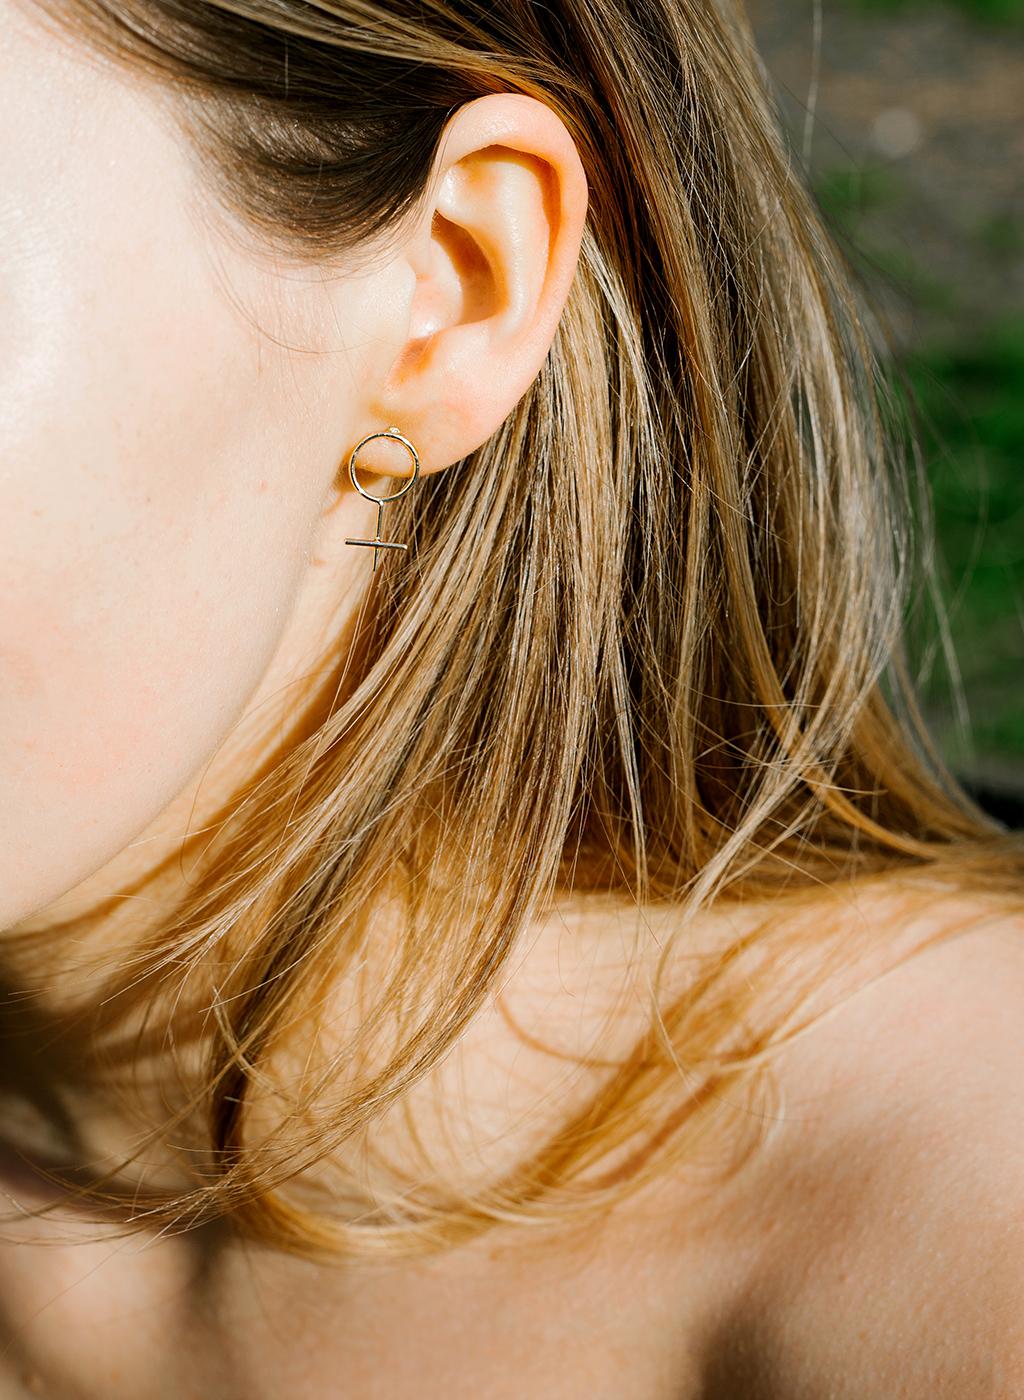 hm-earrings